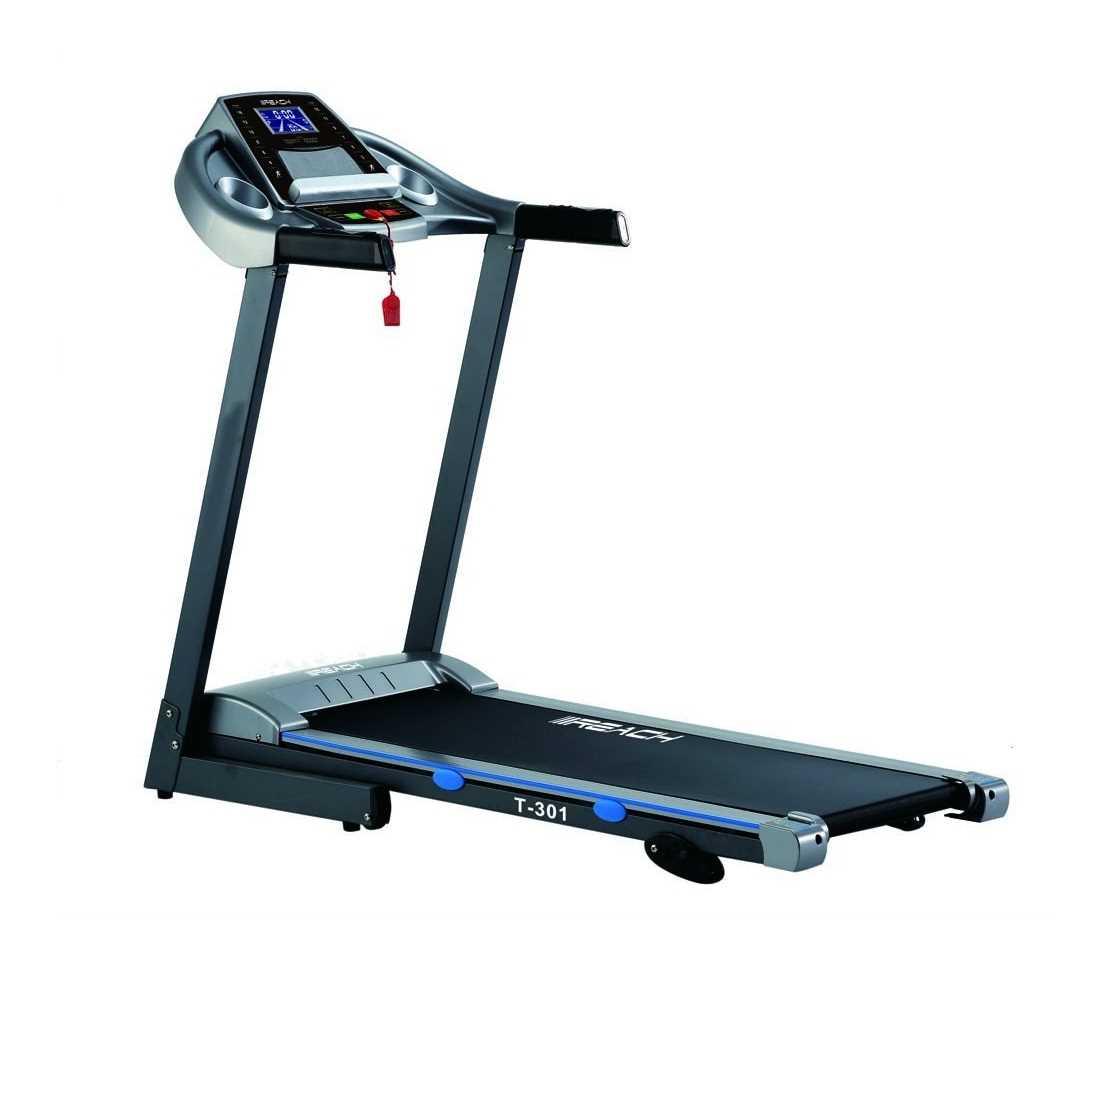 Reach T301 Treadmill